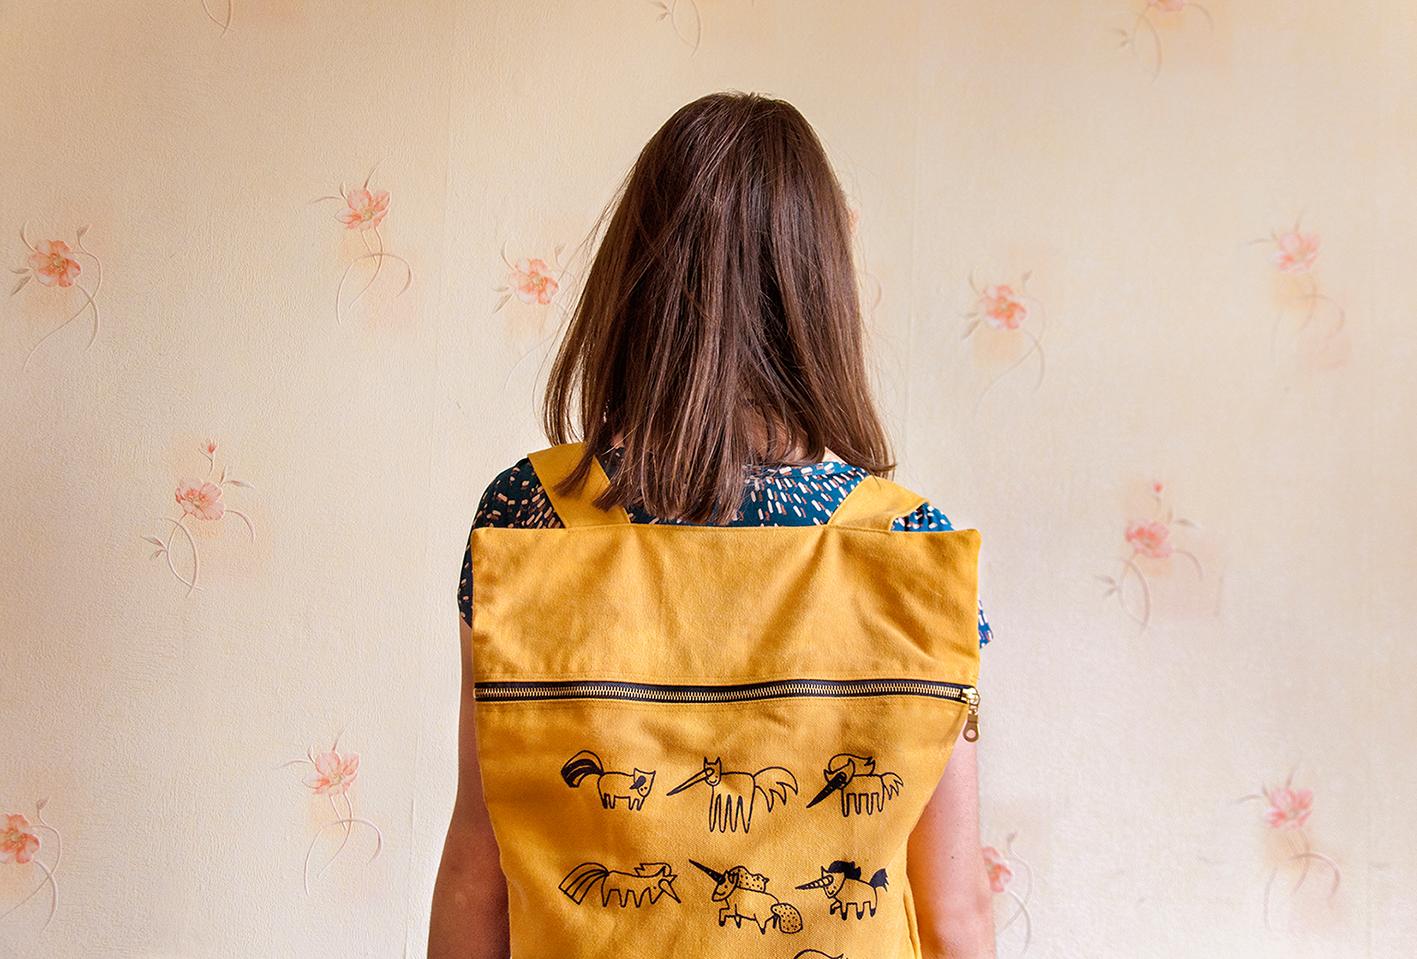 H / backpacks by Justyna Sikora - Creative Work - $i